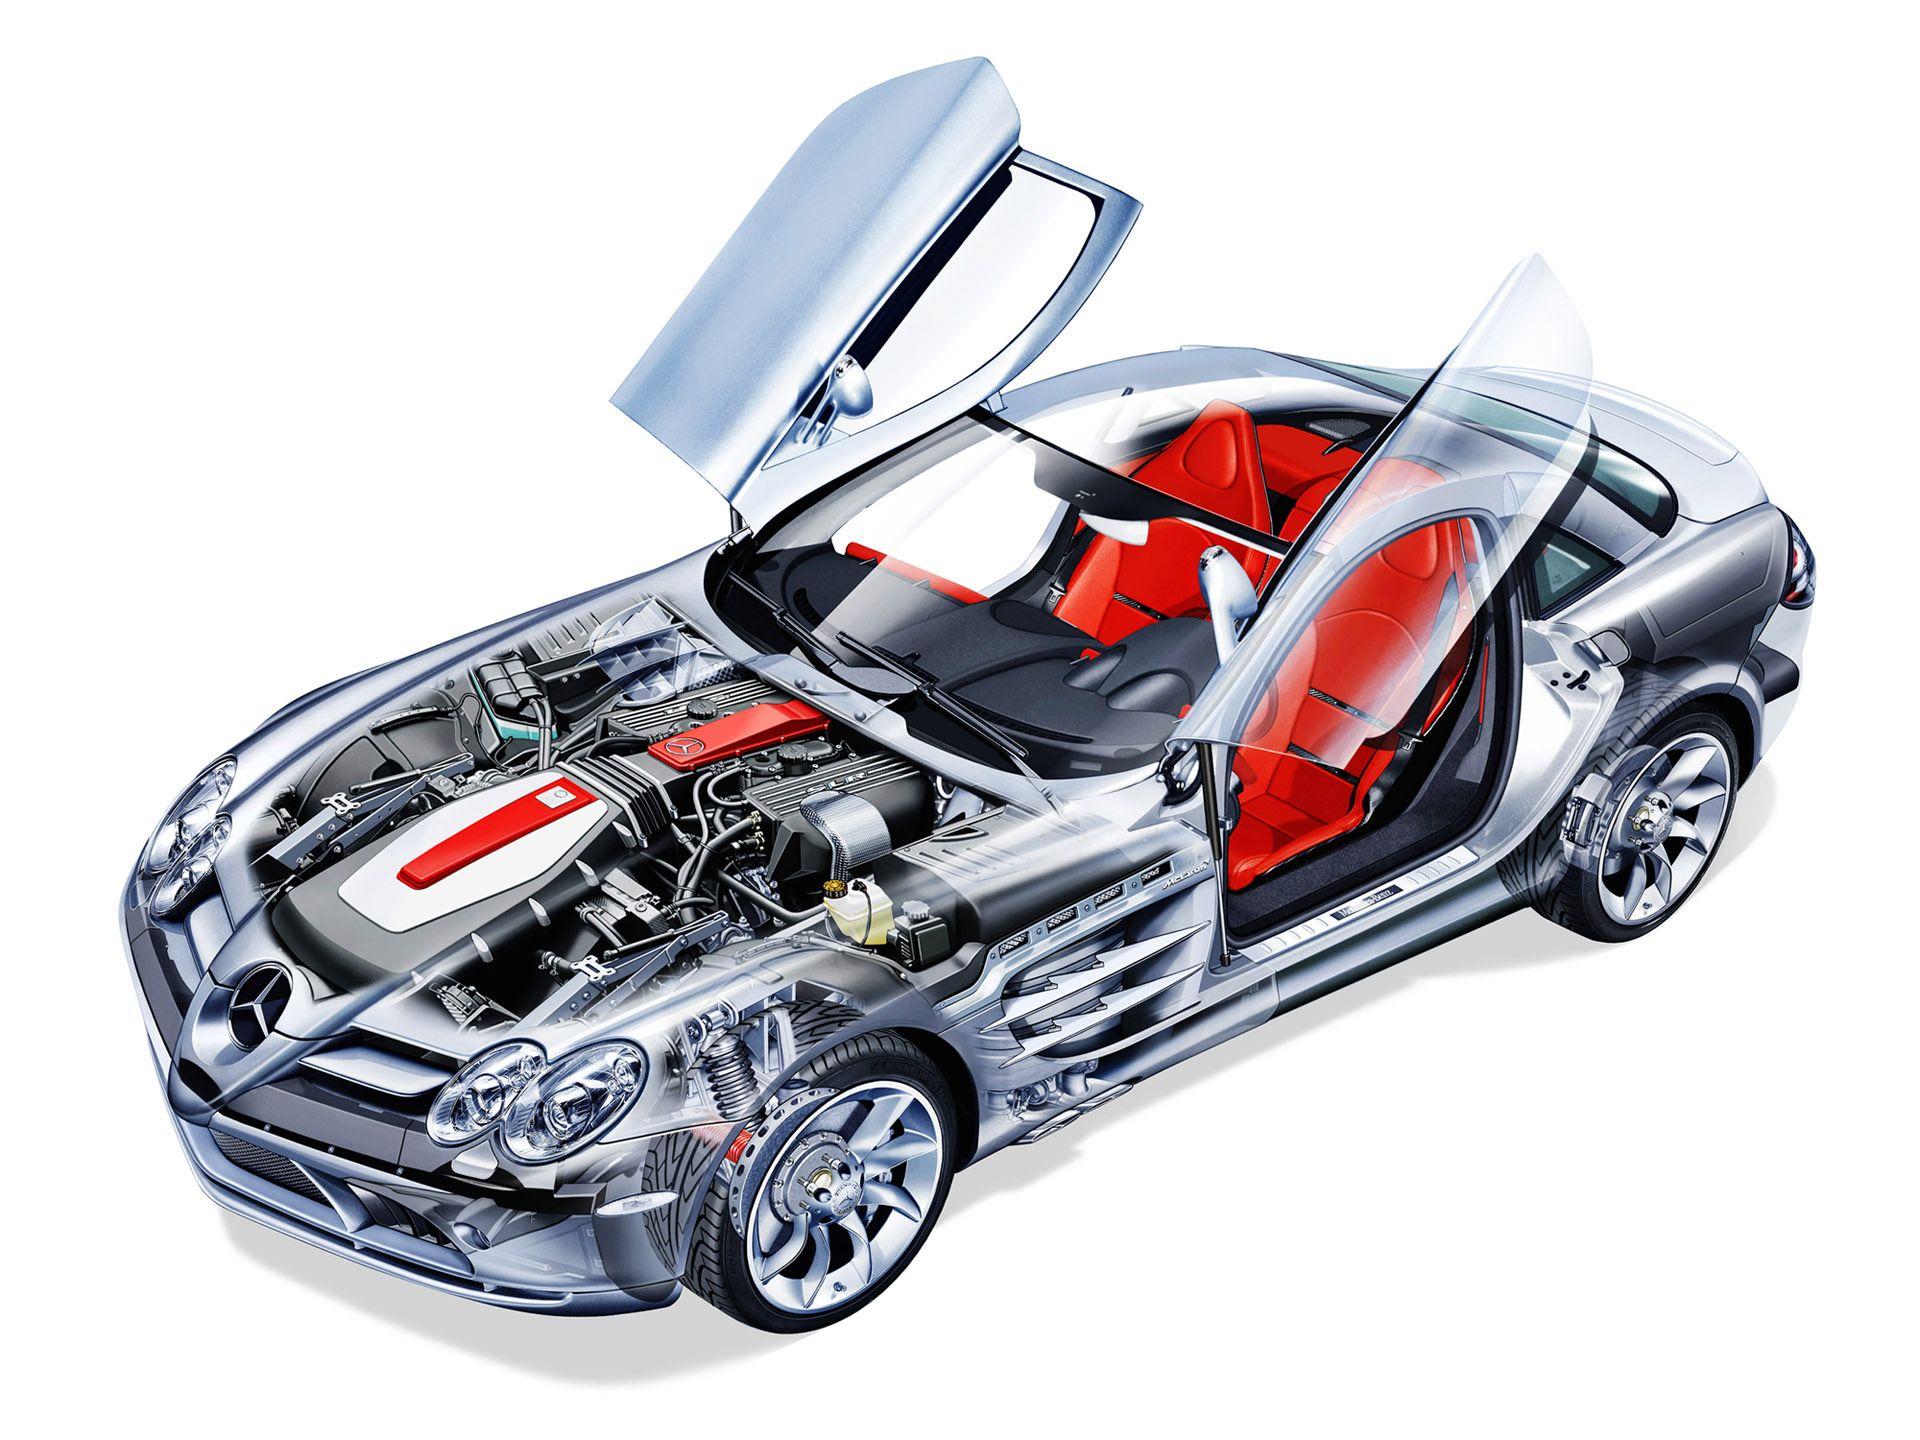 MERCEDES BENZ SLS AMG CAR CUTAWAY POSTER PRINT 24x36 HI RES 9 MIL PAPER